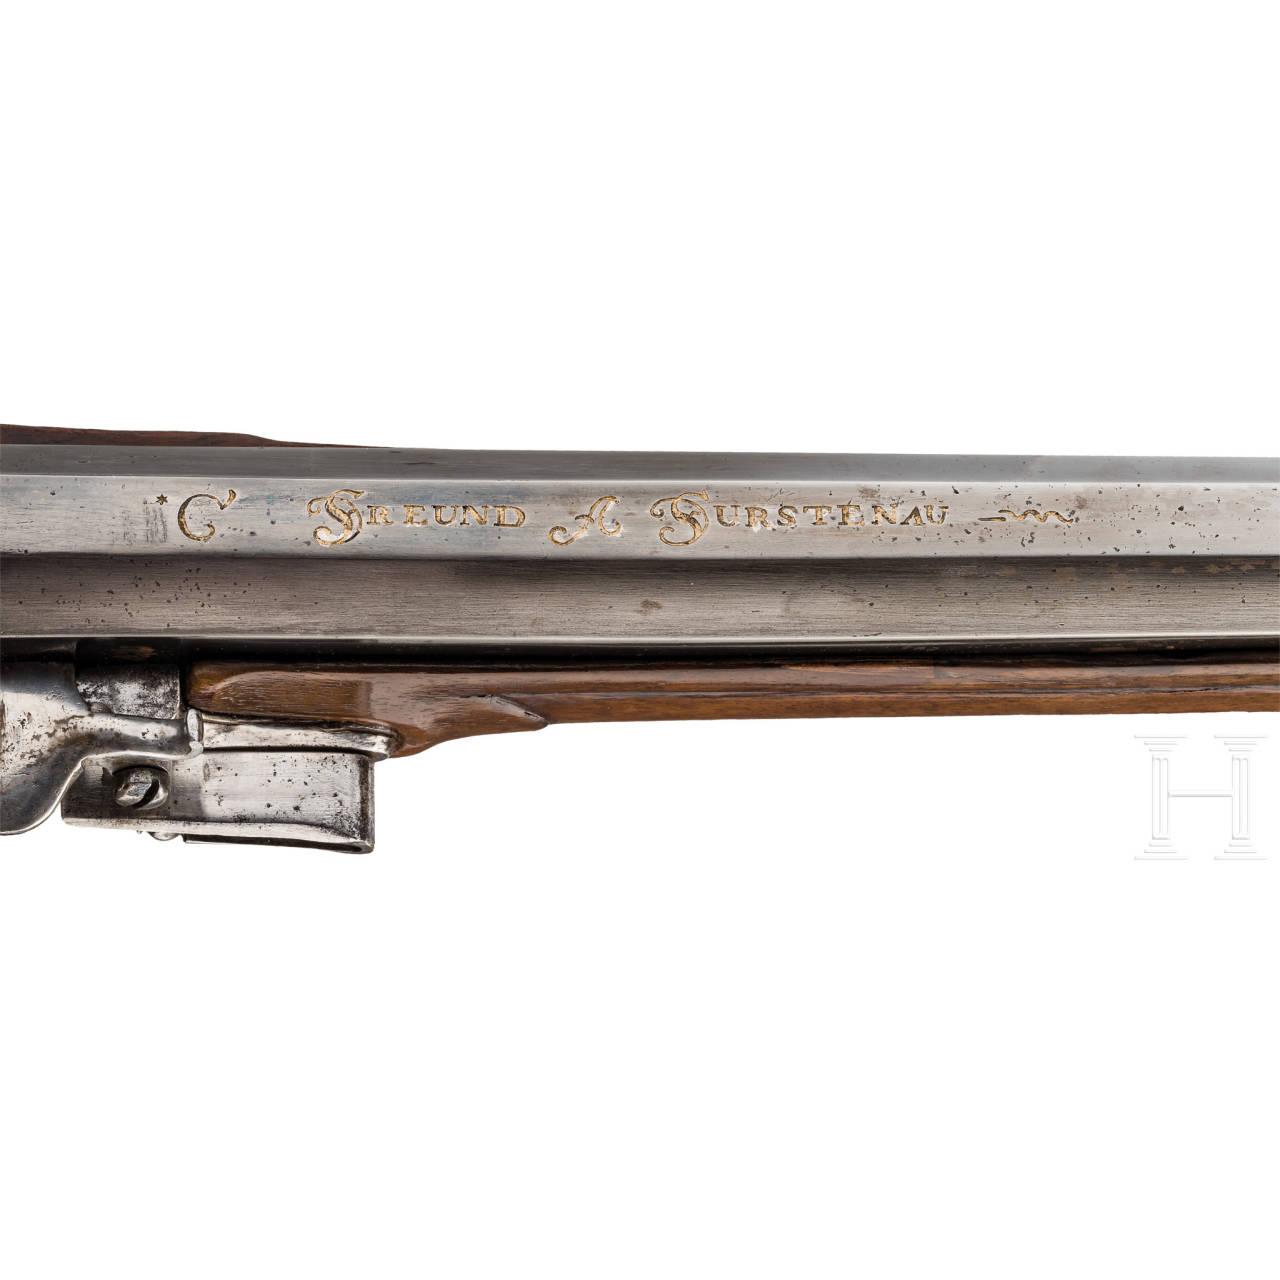 Steinschlossflinte aus der Gewehrkammer der Fürsten Sayn-Wittgenstein-Berleburg, C. Freund, Fürstenau, um 1740